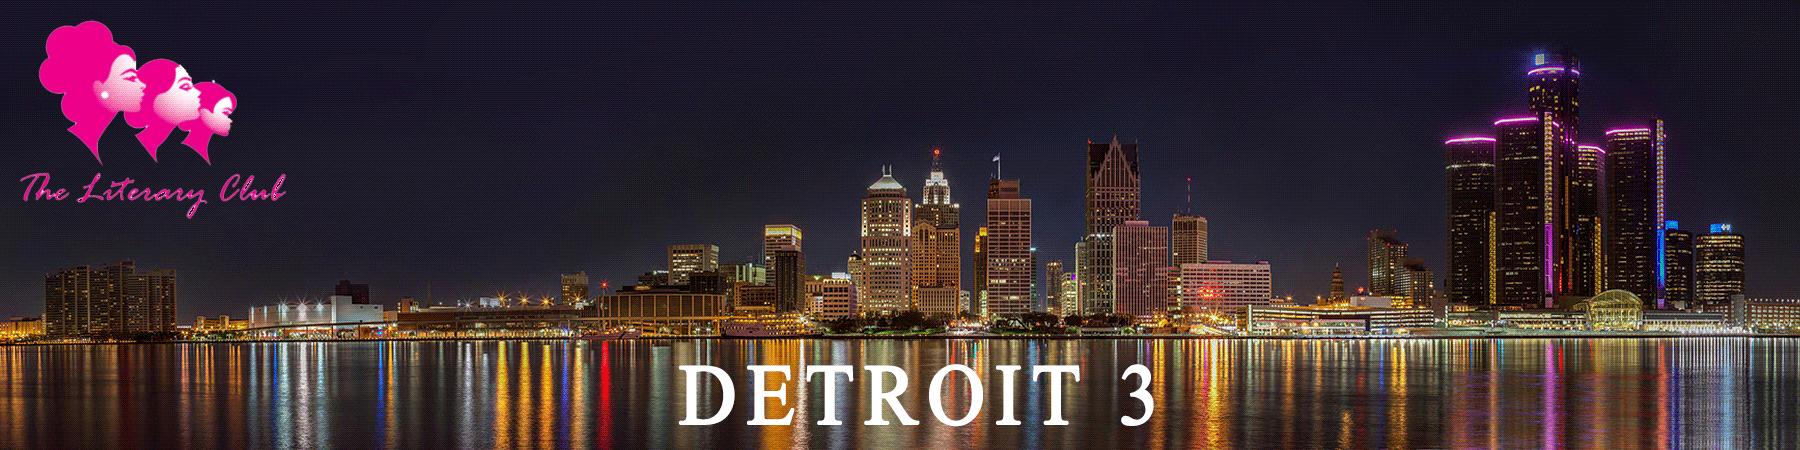 Detroit-3-Chapter